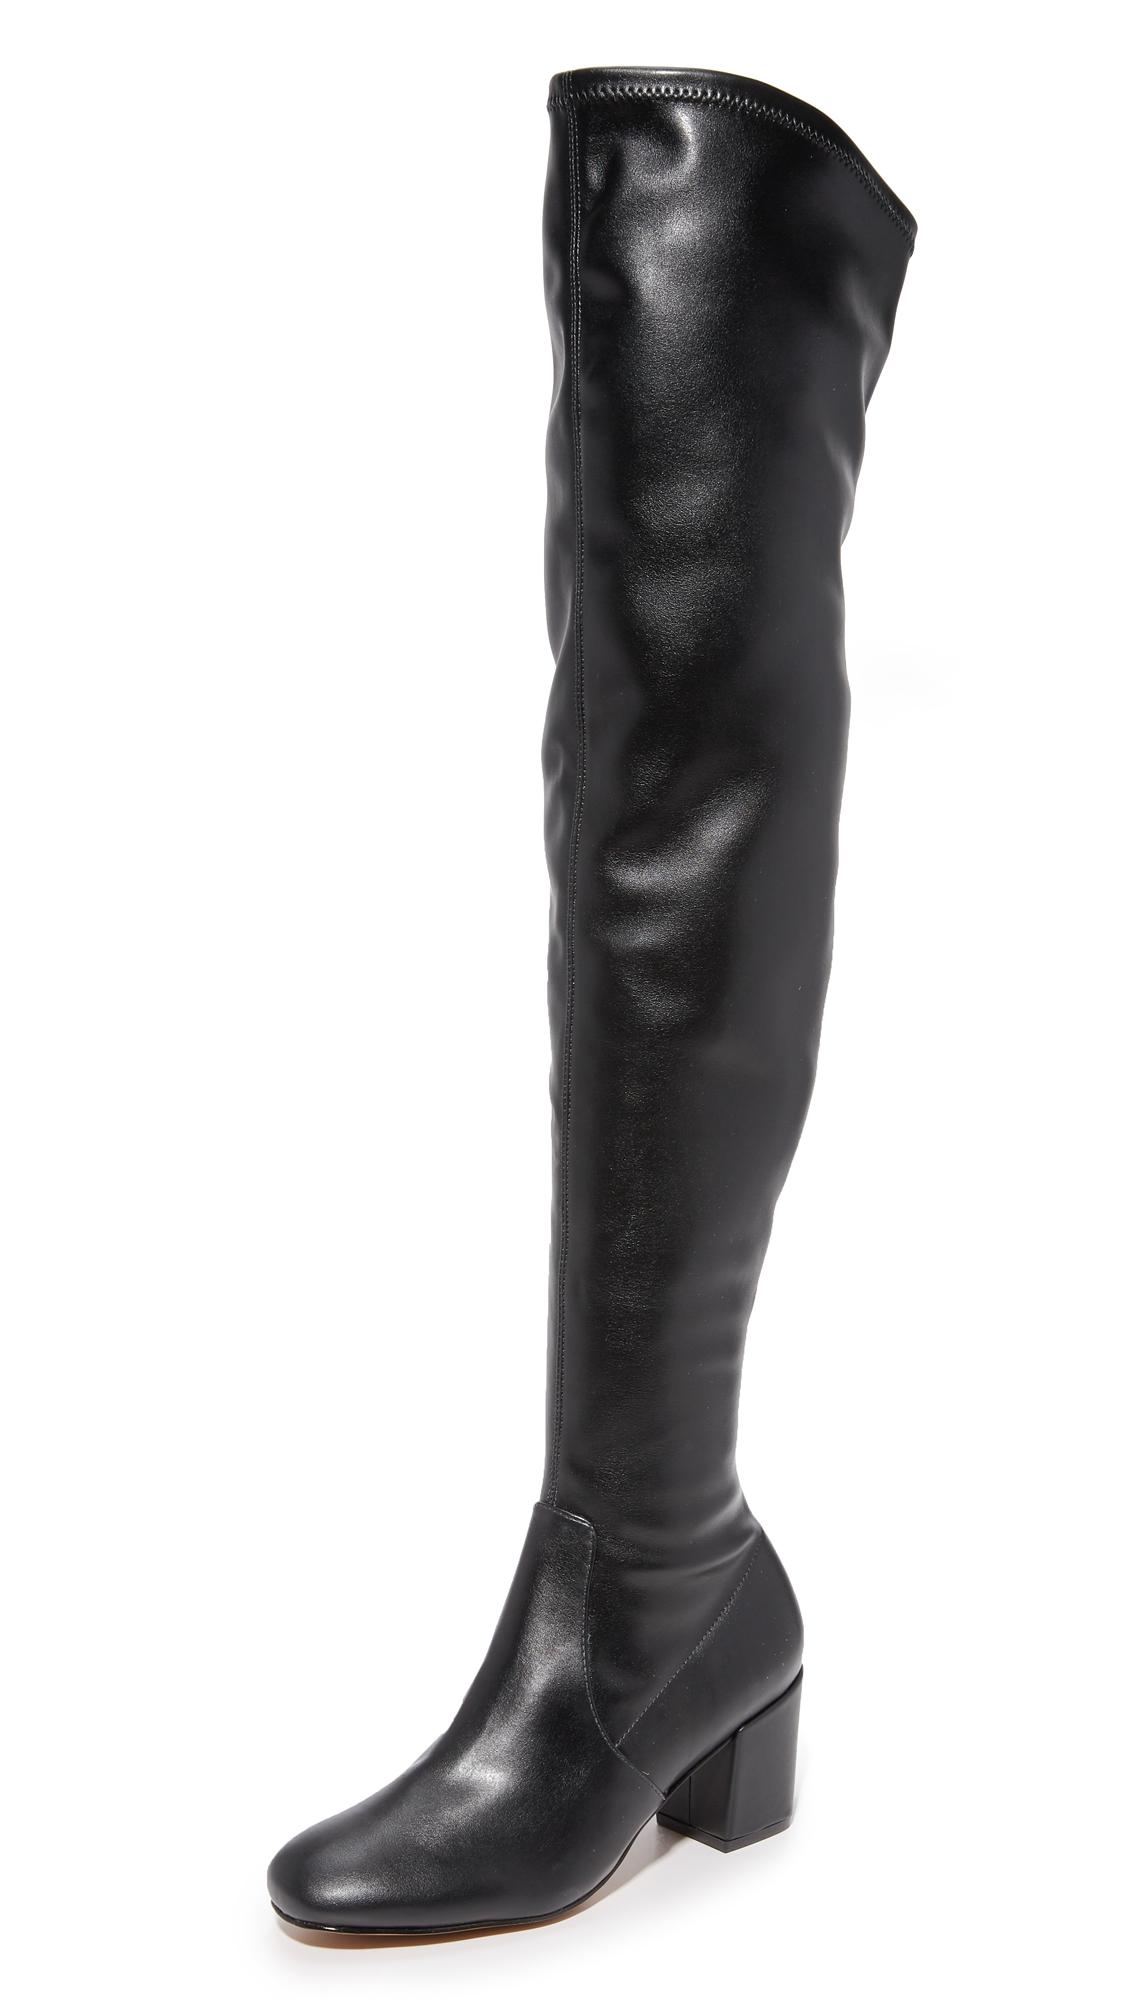 Rebecca Minkoff Lauren Over The Knee Boots - Black